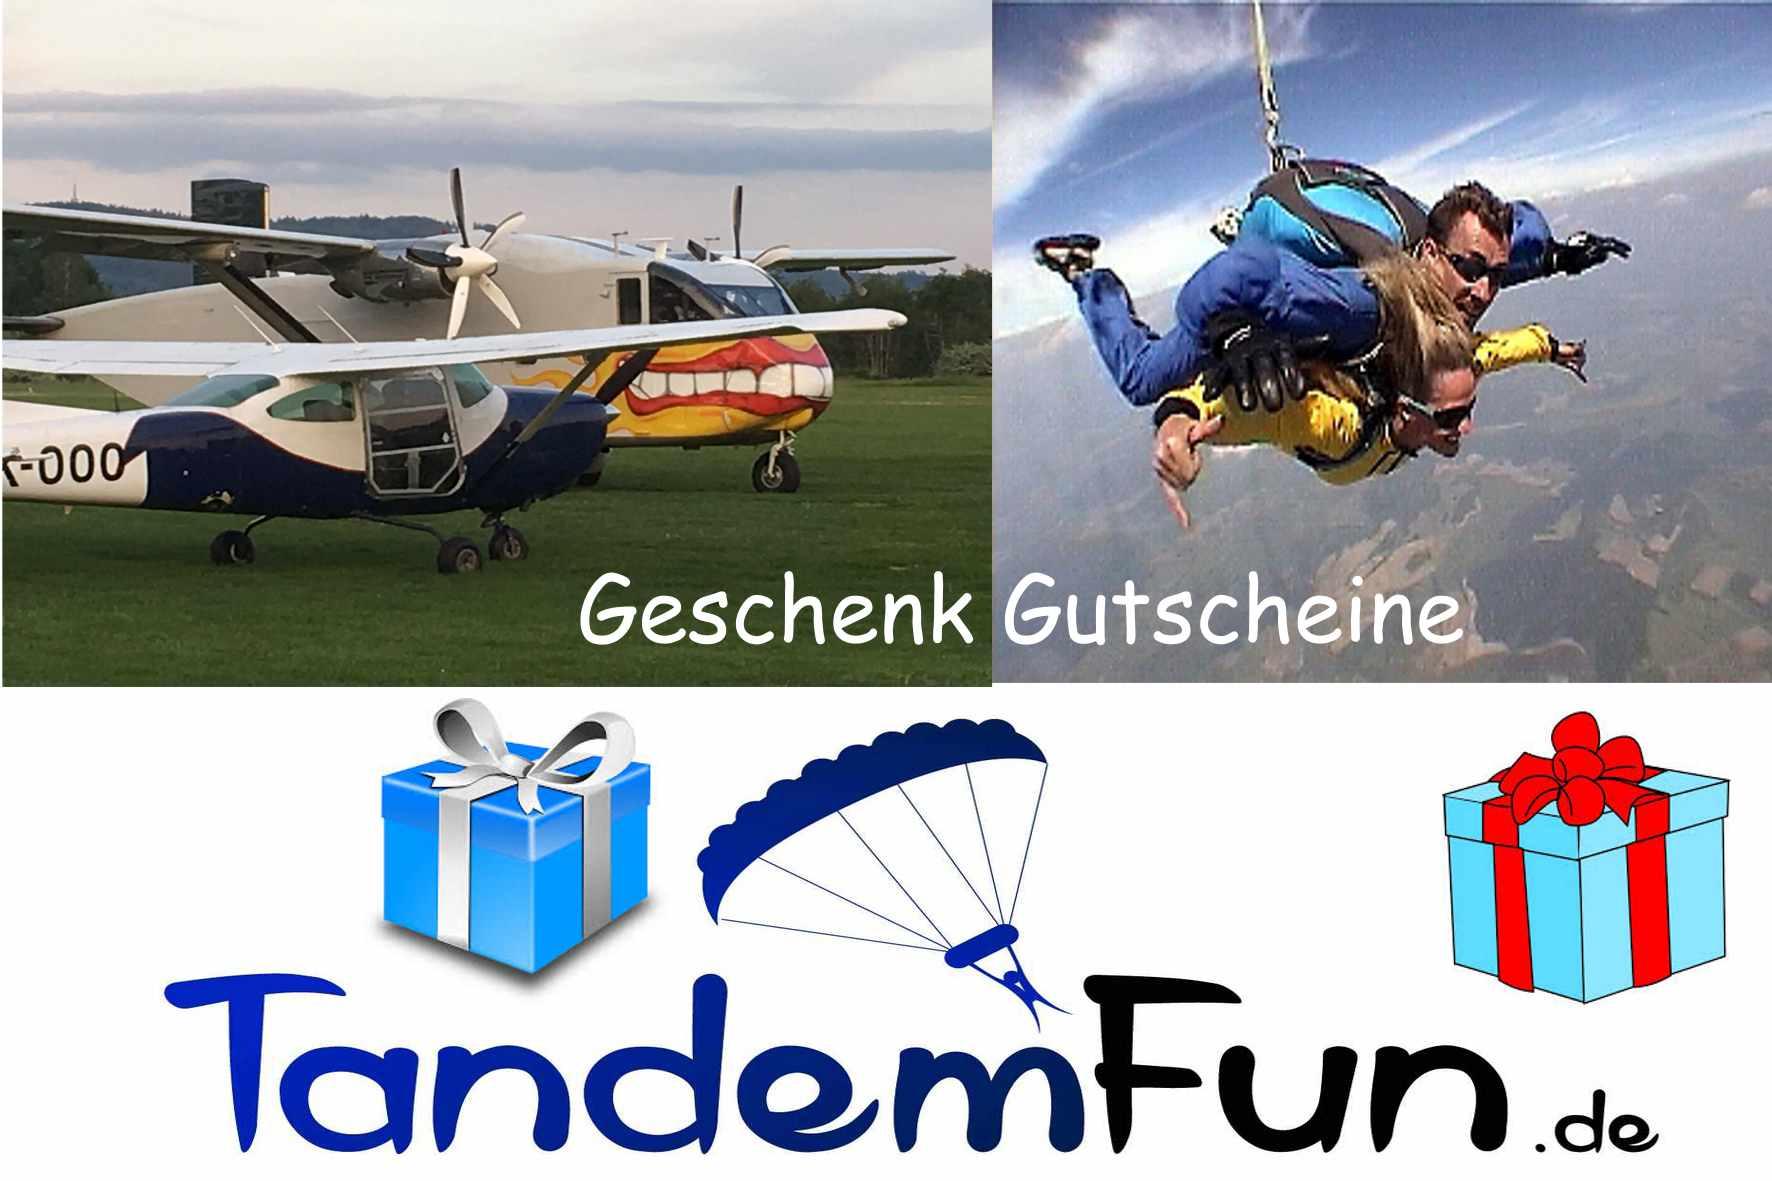 Tandemsprung-Gutschein-Geschenk-Bayern5a14653345292